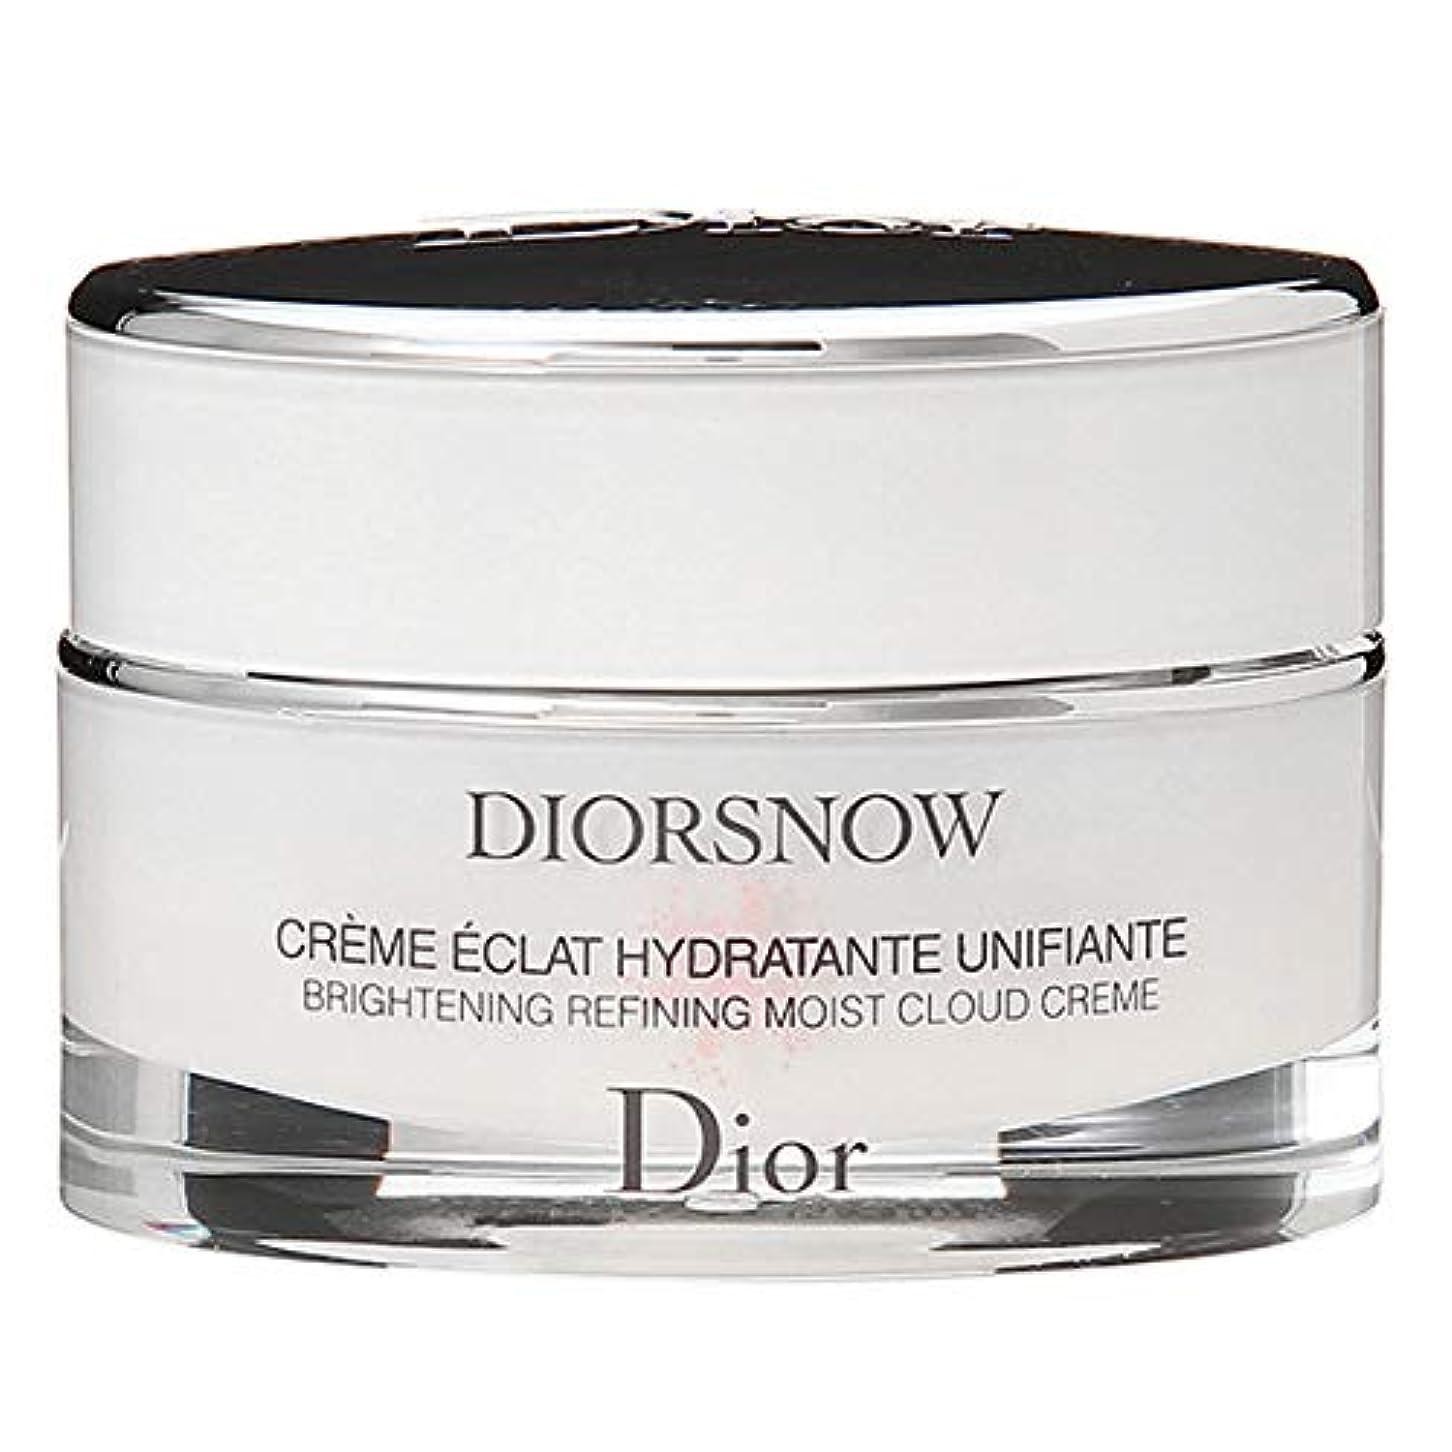 バナナ呼び出す生態学クリスチャンディオール Christian Dior ディオール スノー ブライトニング モイスト クリーム 50mL 【並行輸入品】